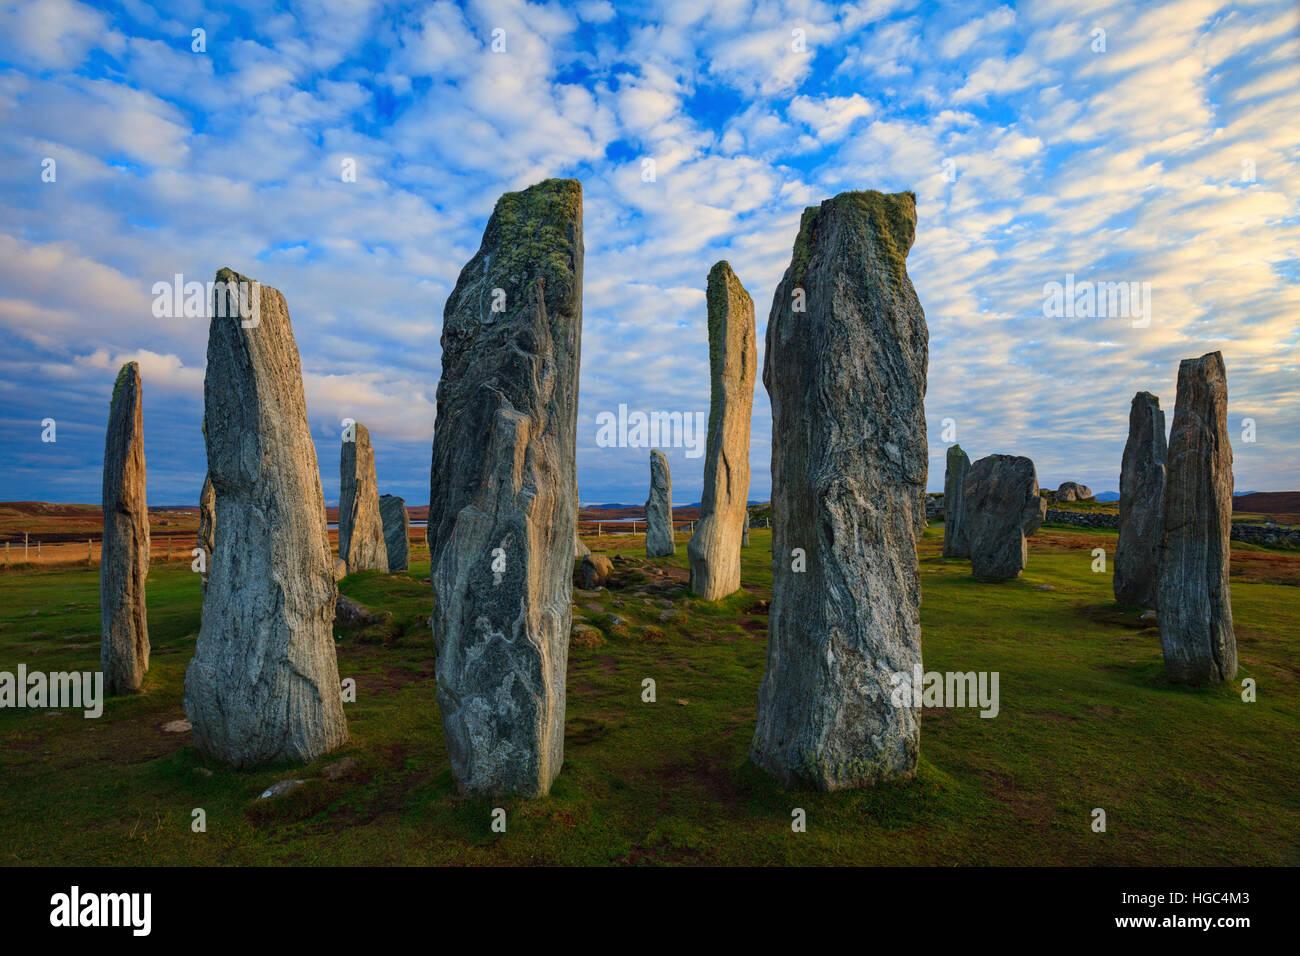 Callanish (Calanais) cerchi di pietre dell'isola di Lewis nelle Ebridi Esterne. Immagini Stock